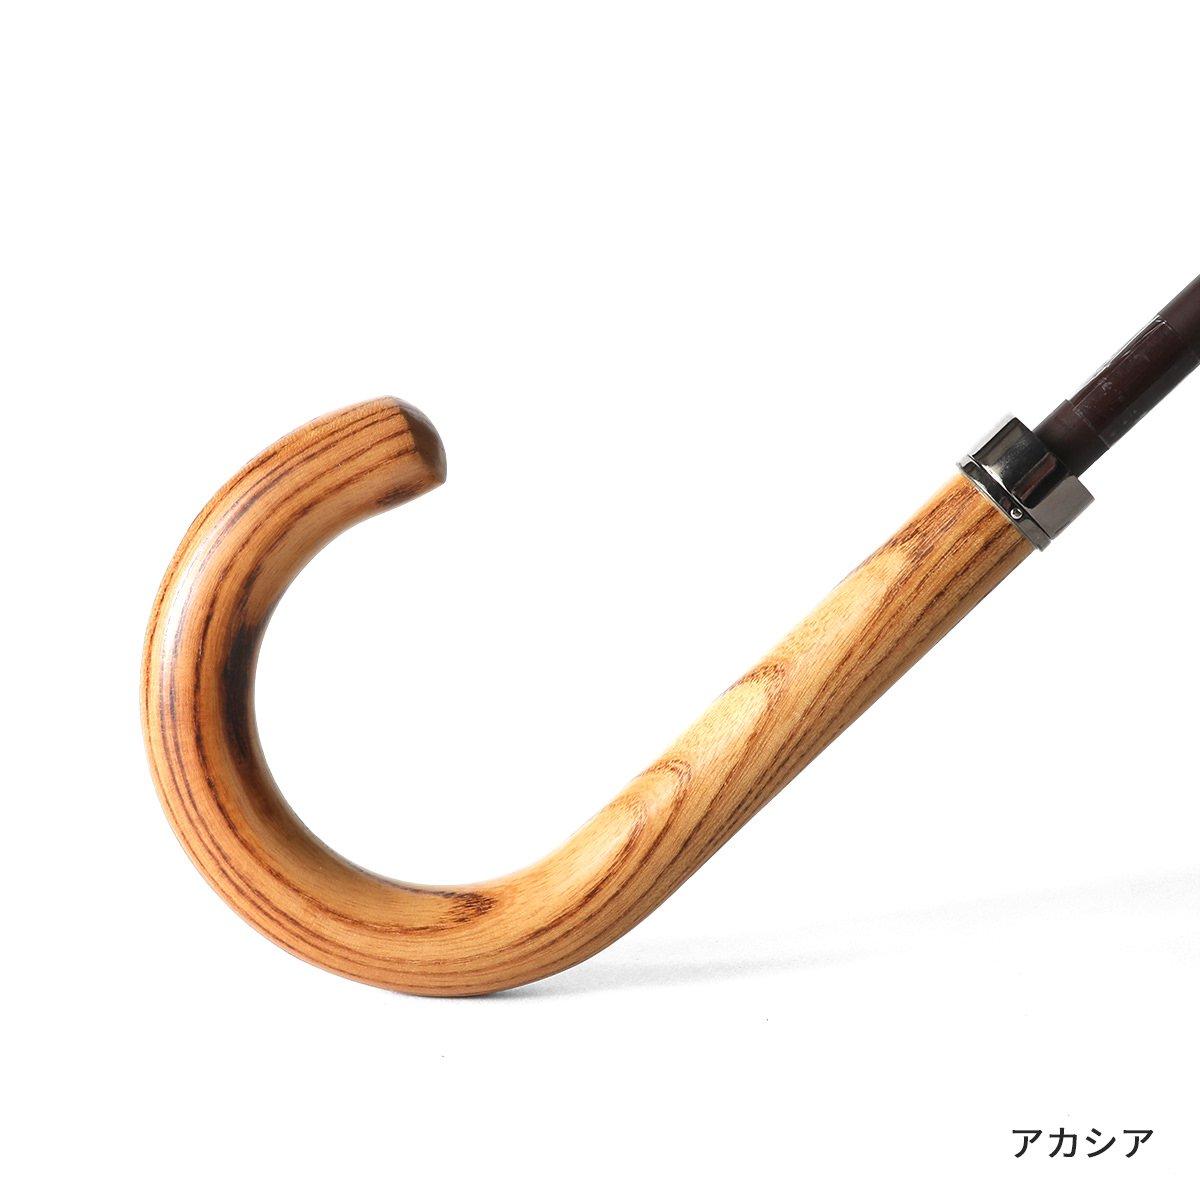 太鼓傘 - 鉄芯 詳細画像19